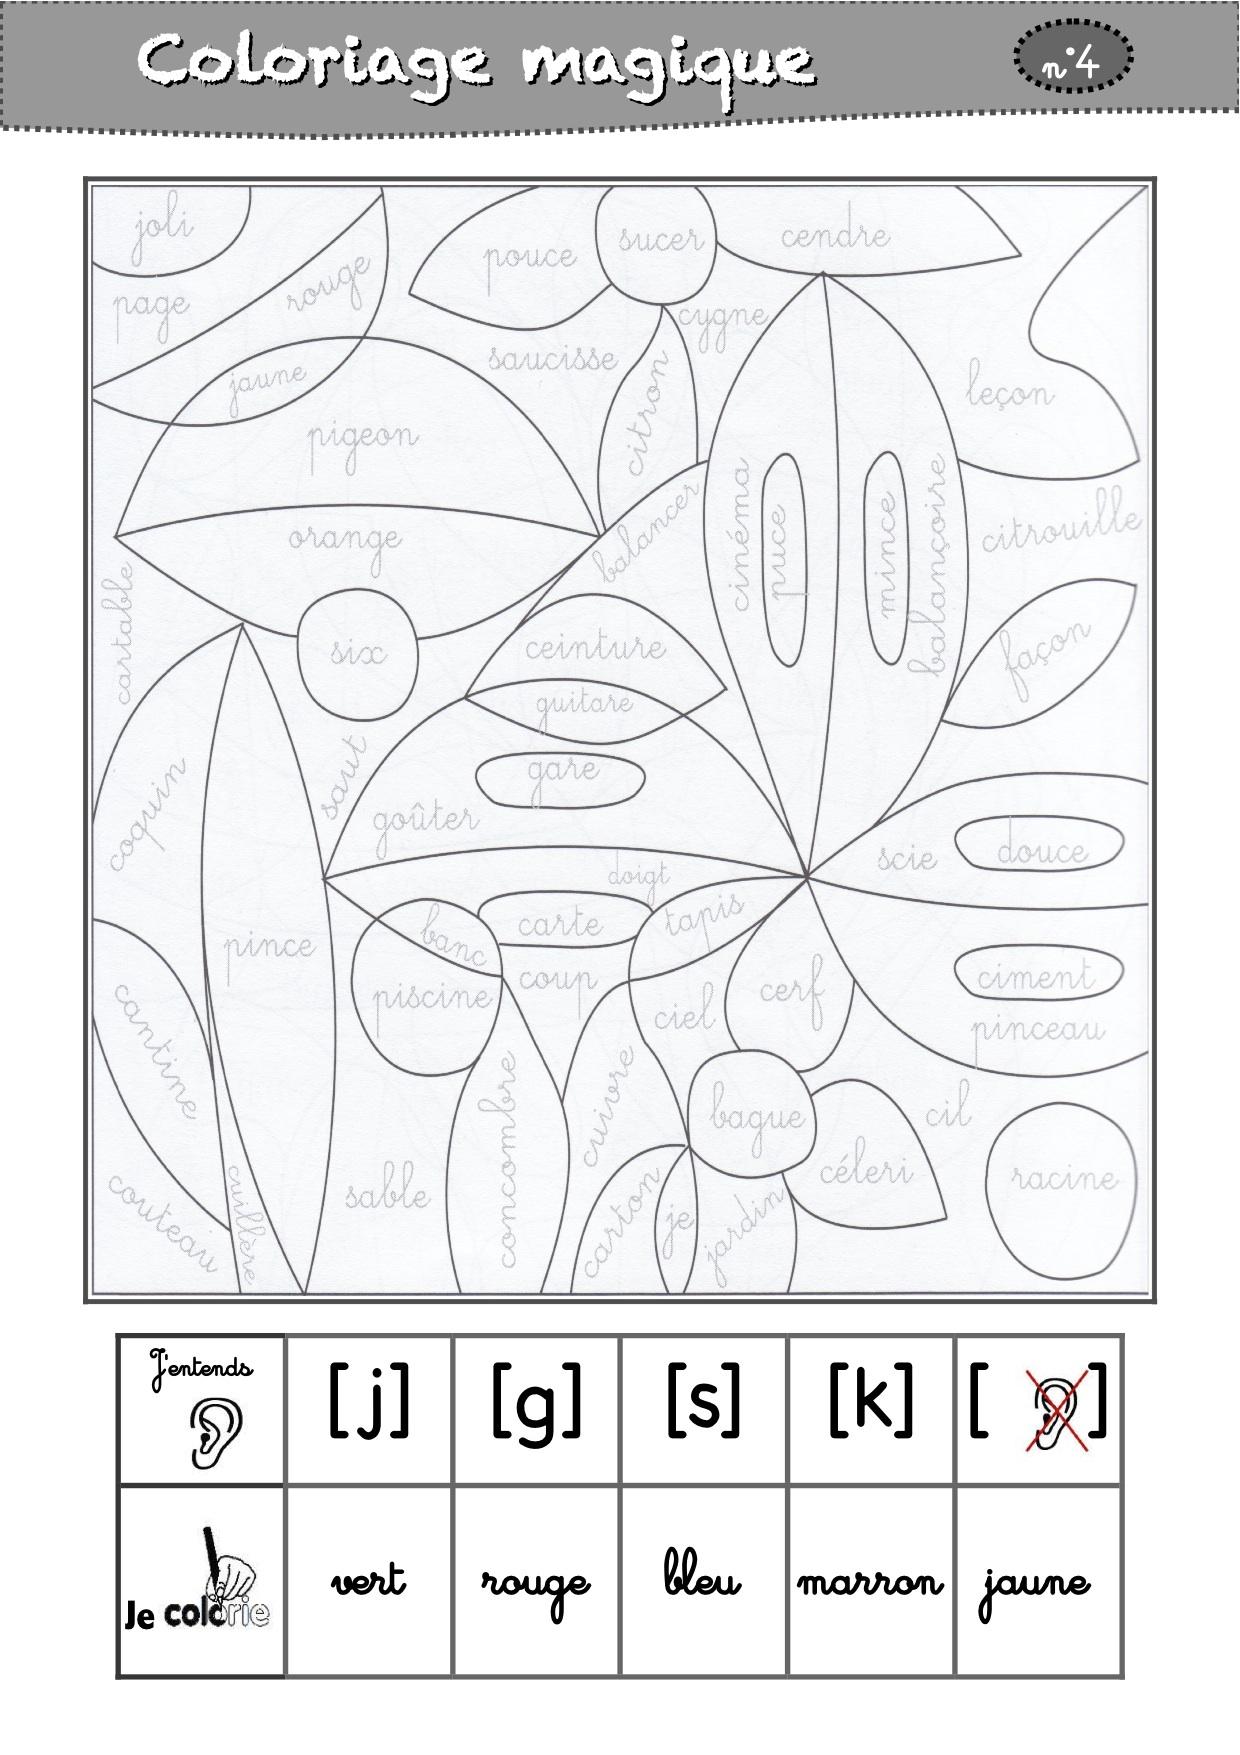 Coloriages Magiques Cp - La Classe De Luccia ! dedans Coloriage Magique Gs Cp